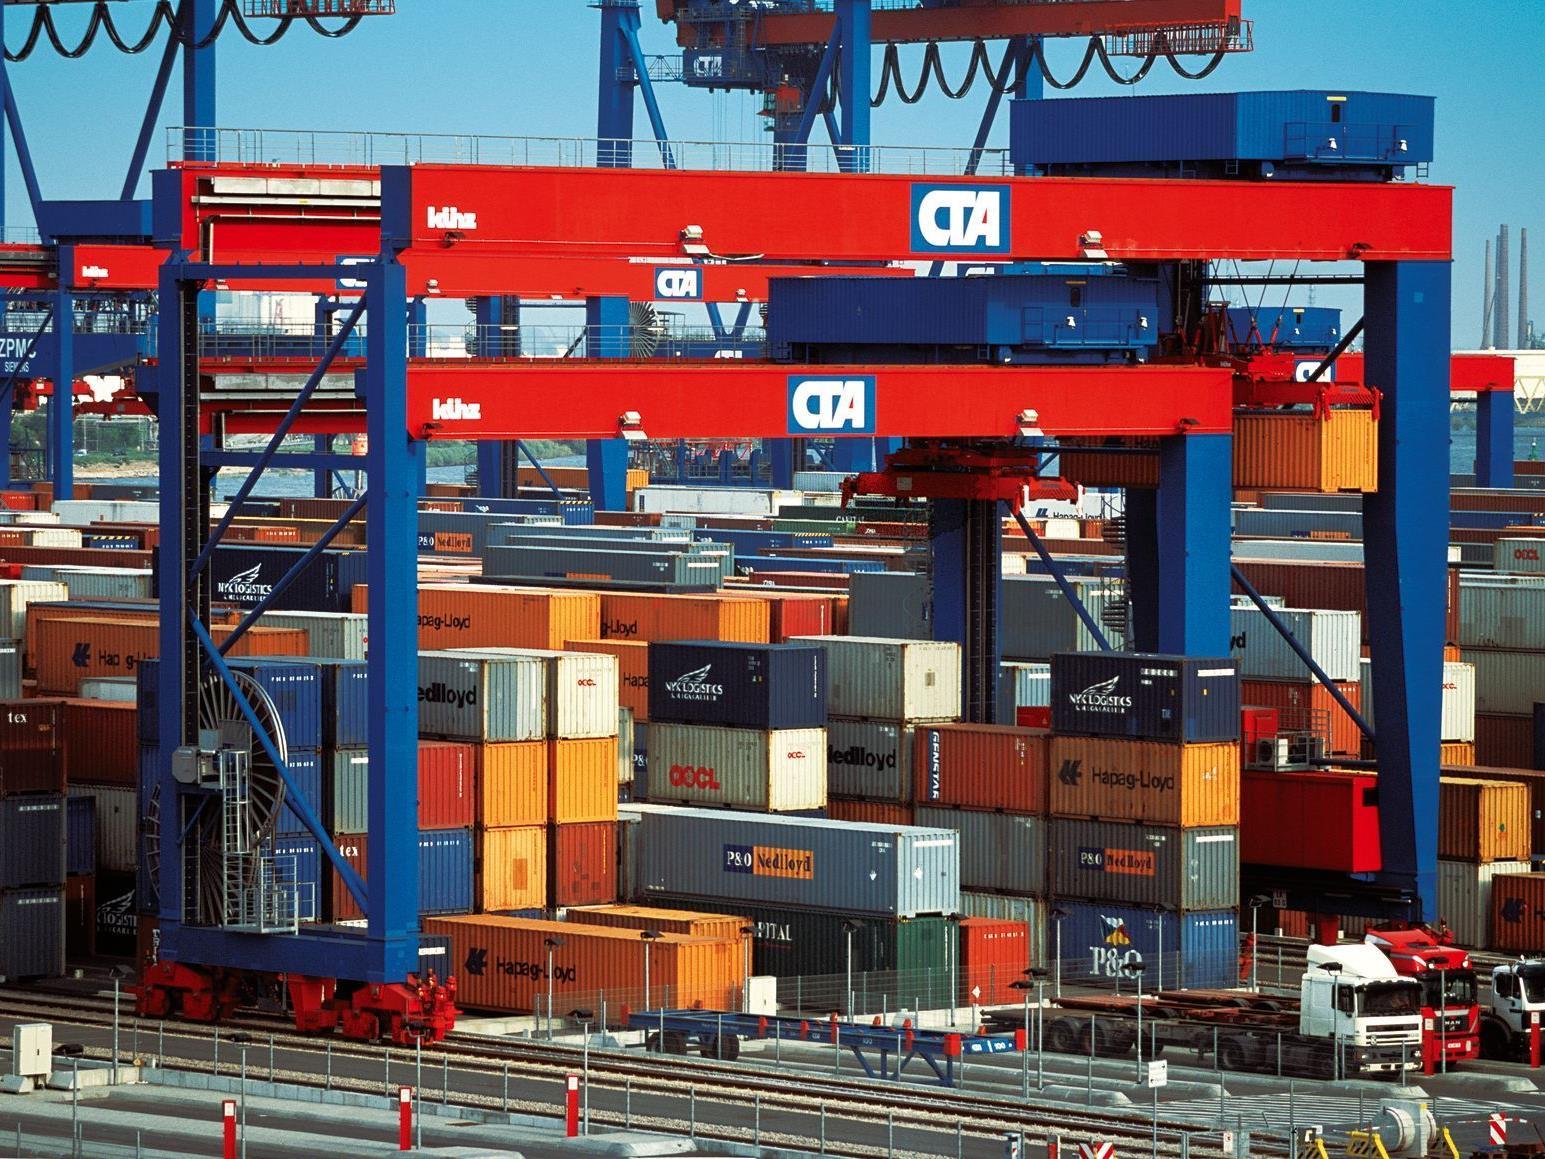 Größter Einzelauftrag der Firmengeschichte Künz im Hafen Rotterdam.